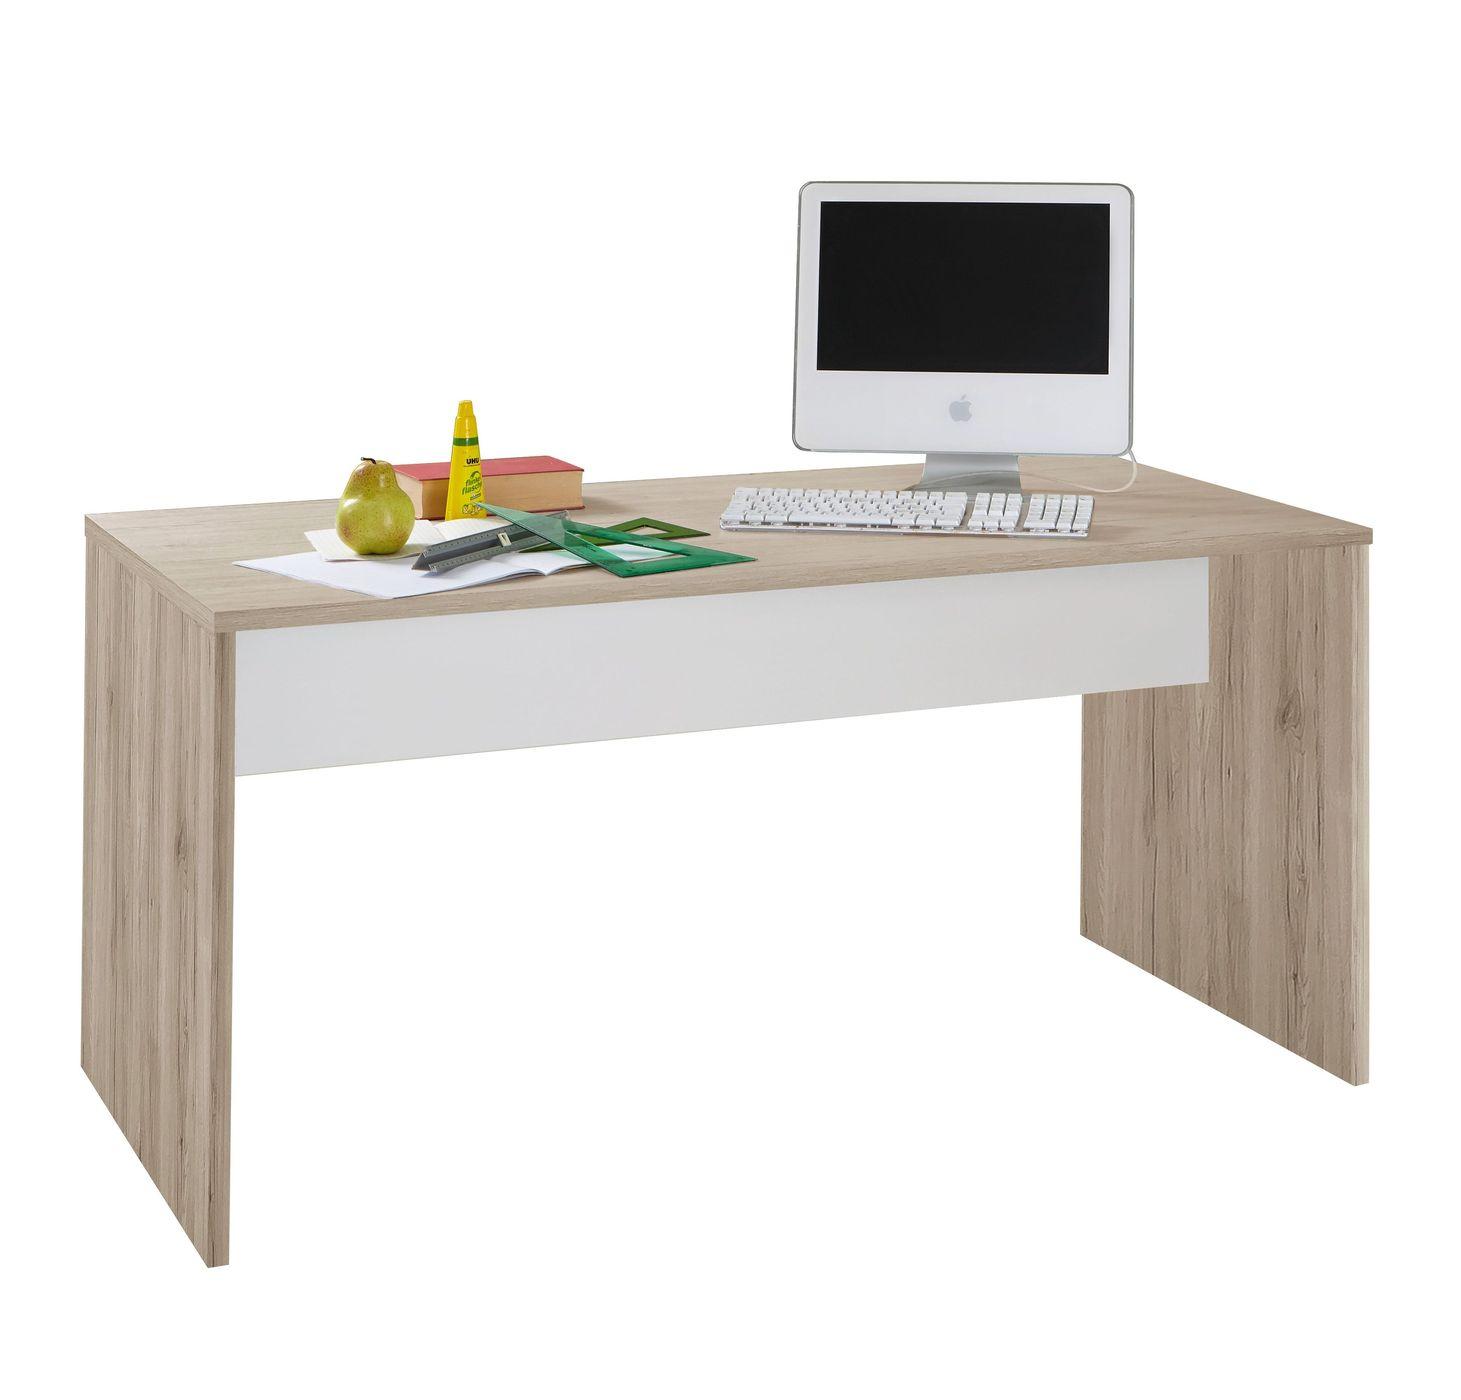 schreibtisch mit gro er arbeitsfl che f r jugendliche tropea. Black Bedroom Furniture Sets. Home Design Ideas